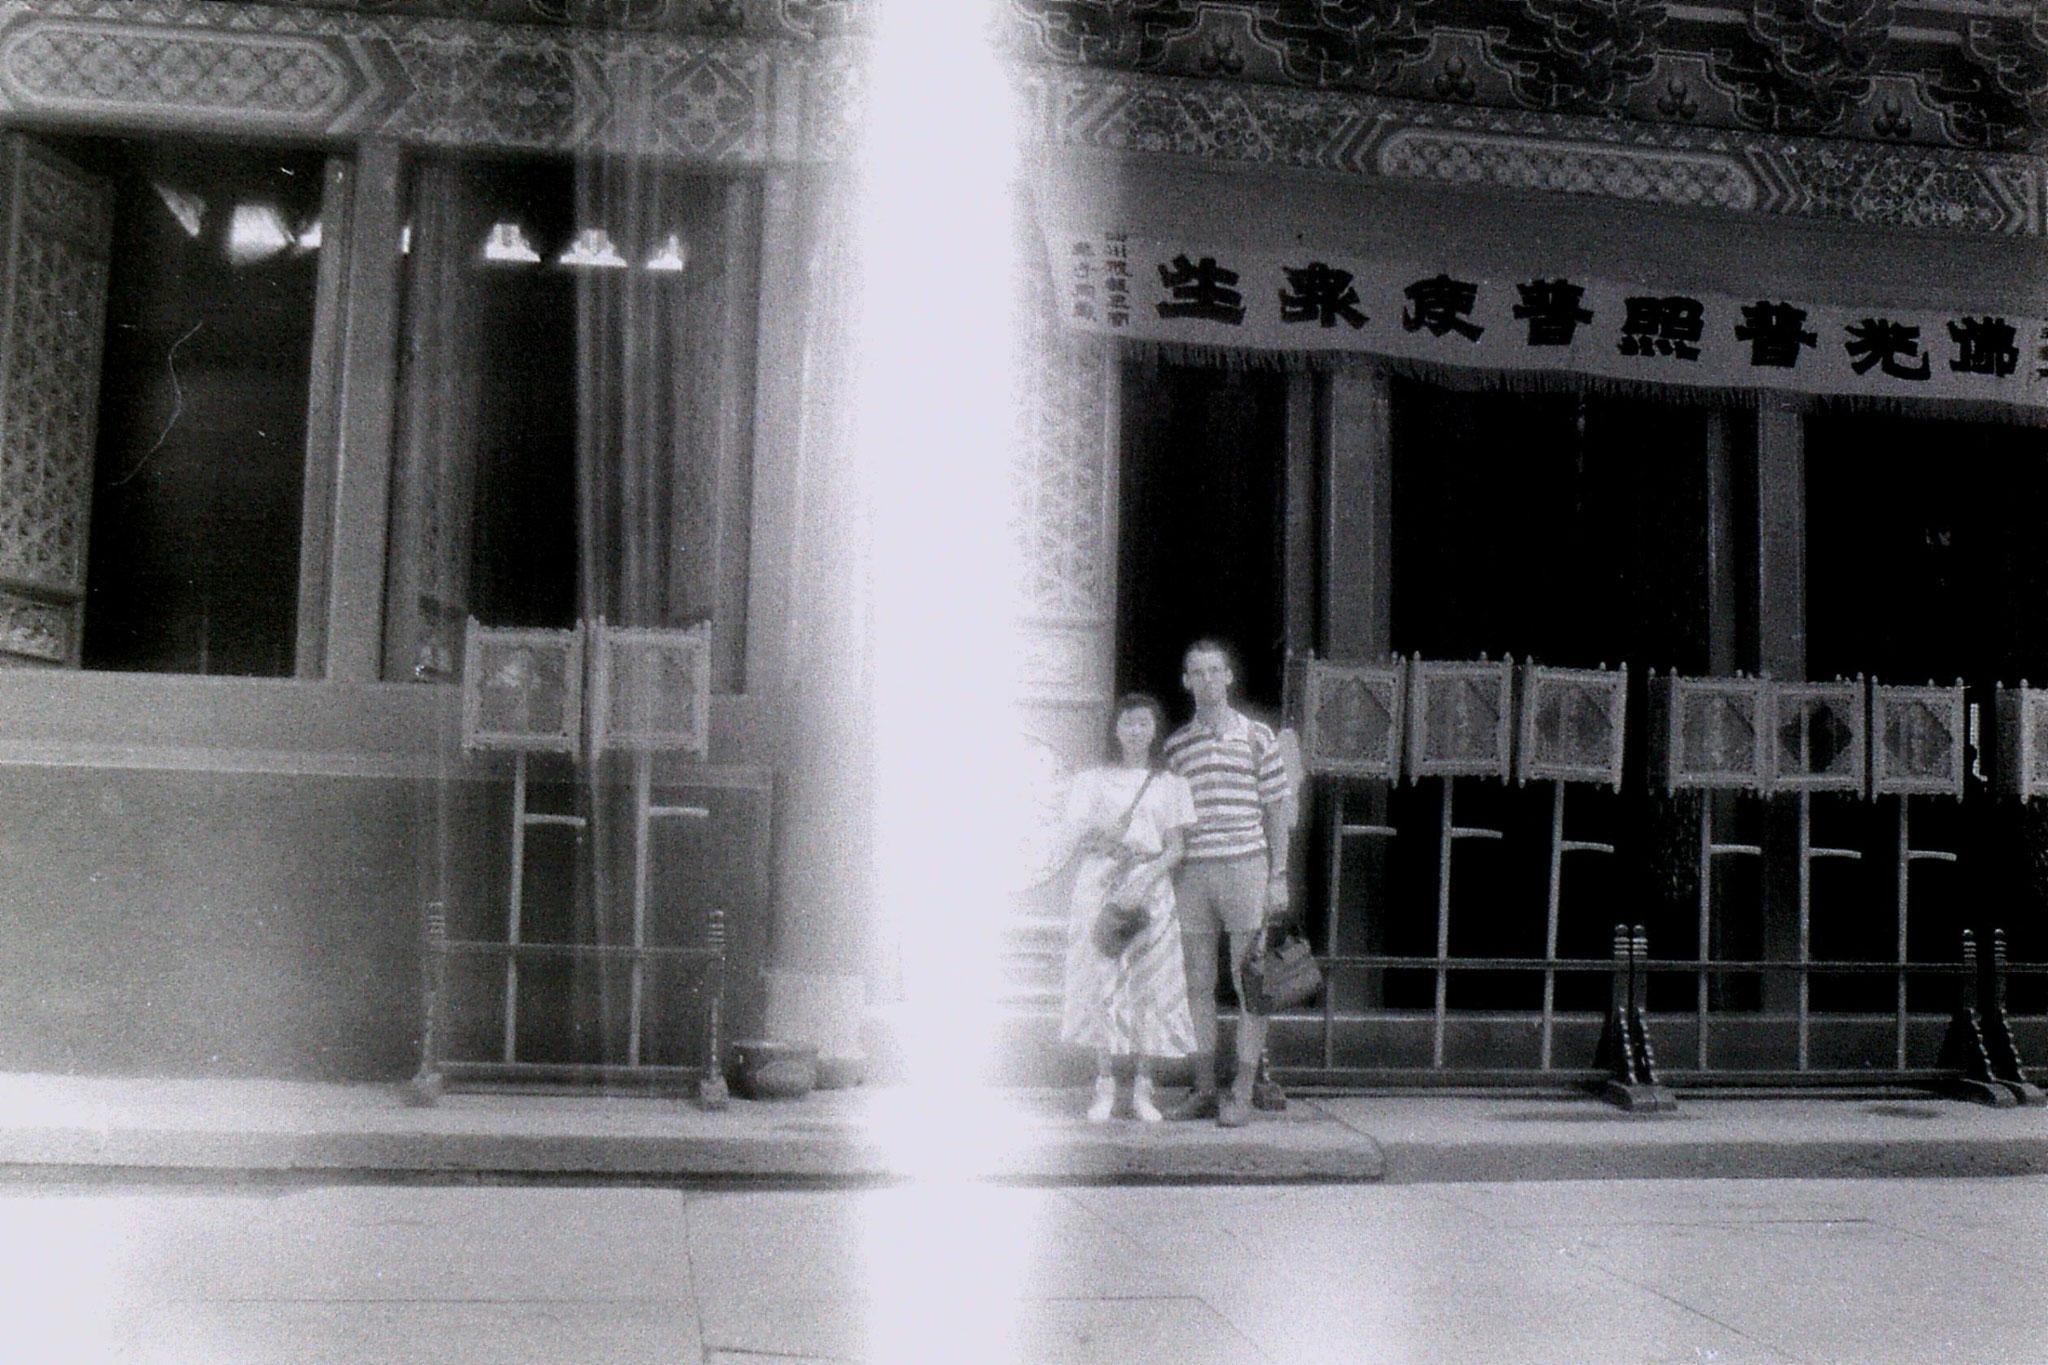 24/7/1989: 1: Putuo, Puyi Si PDD & R